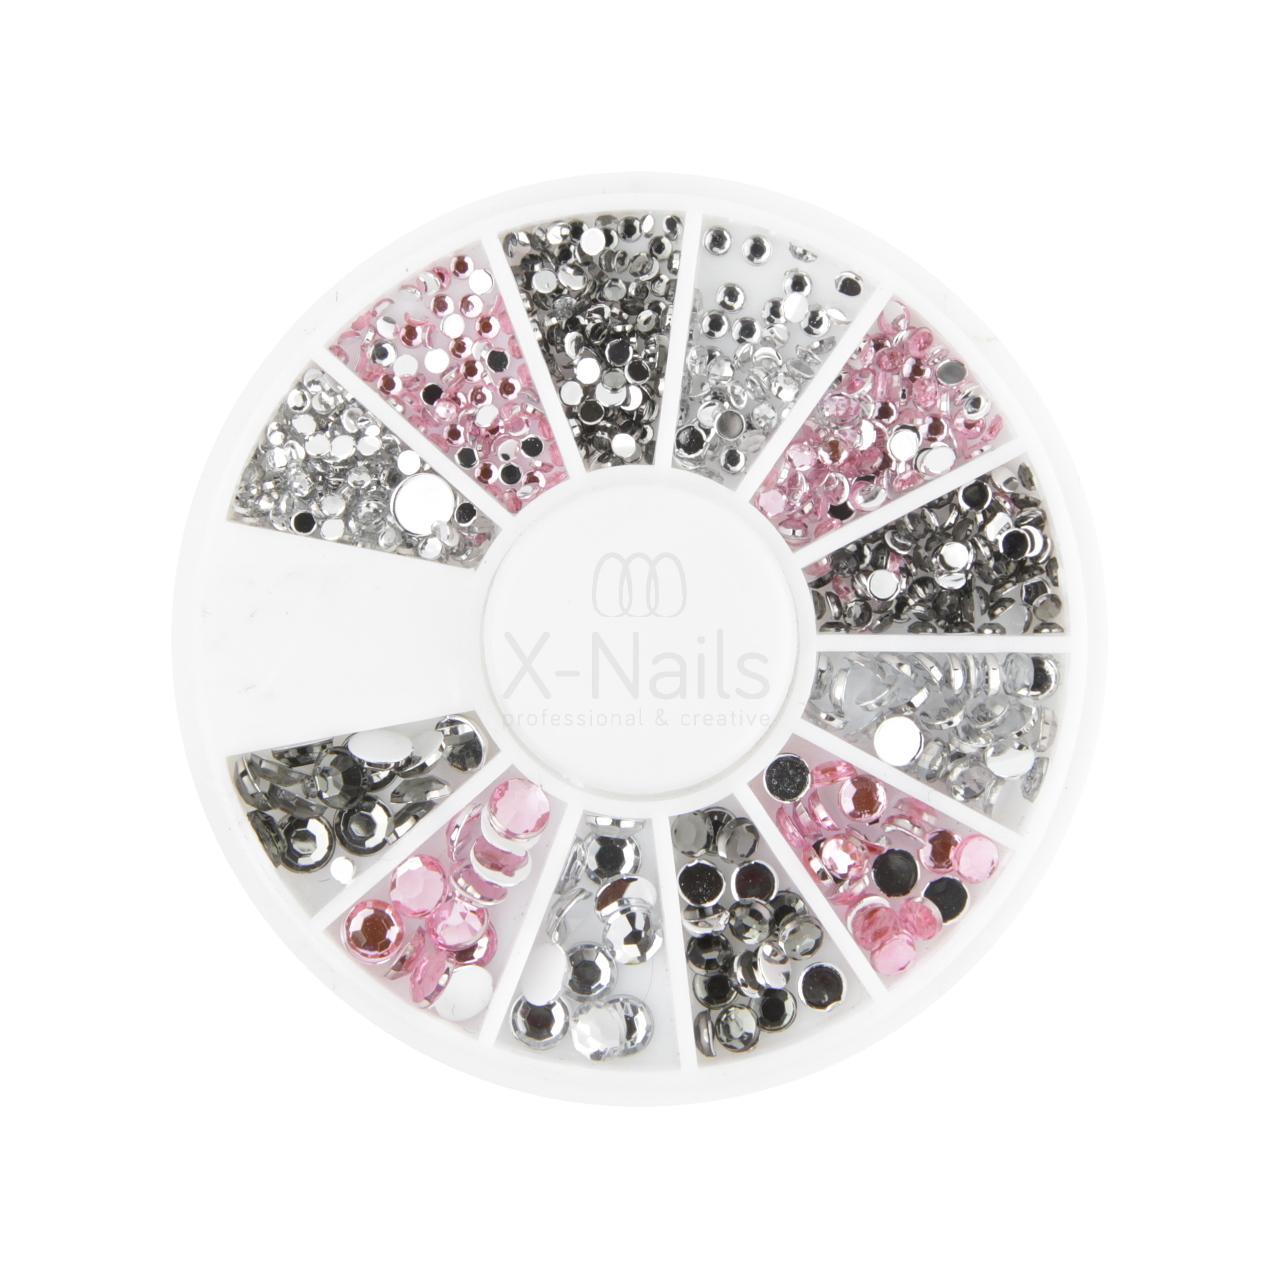 2c3df69ce X-NAILS Zdobící kamínky na nehty - KARUSEL SE ZIRKONY STŘÍBRNÁ & RŮŽOVÁ